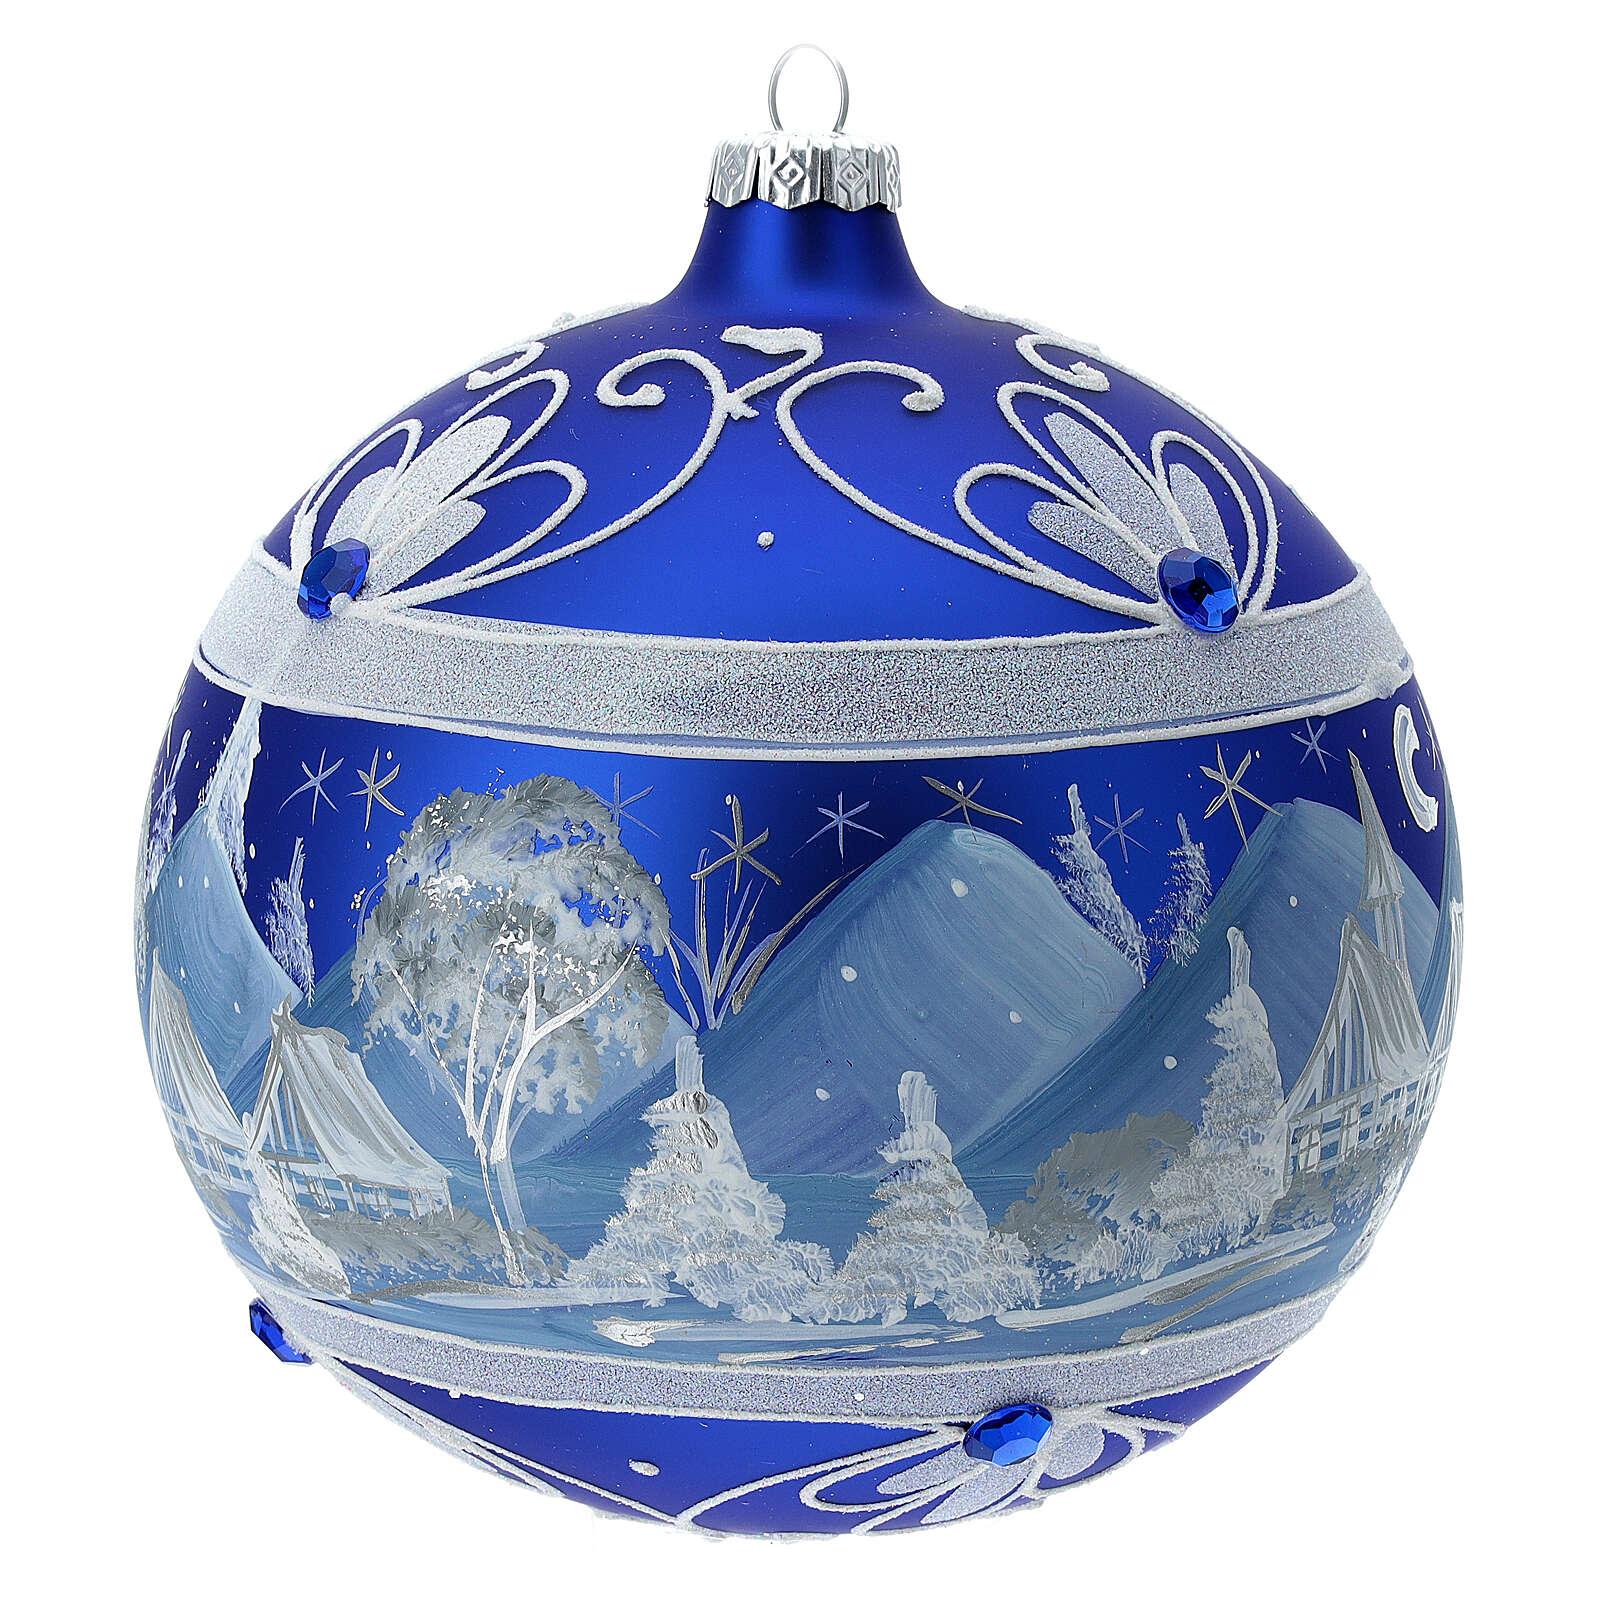 Pallina Natale montagne innevate blu vetro soffiato 150 mm 4